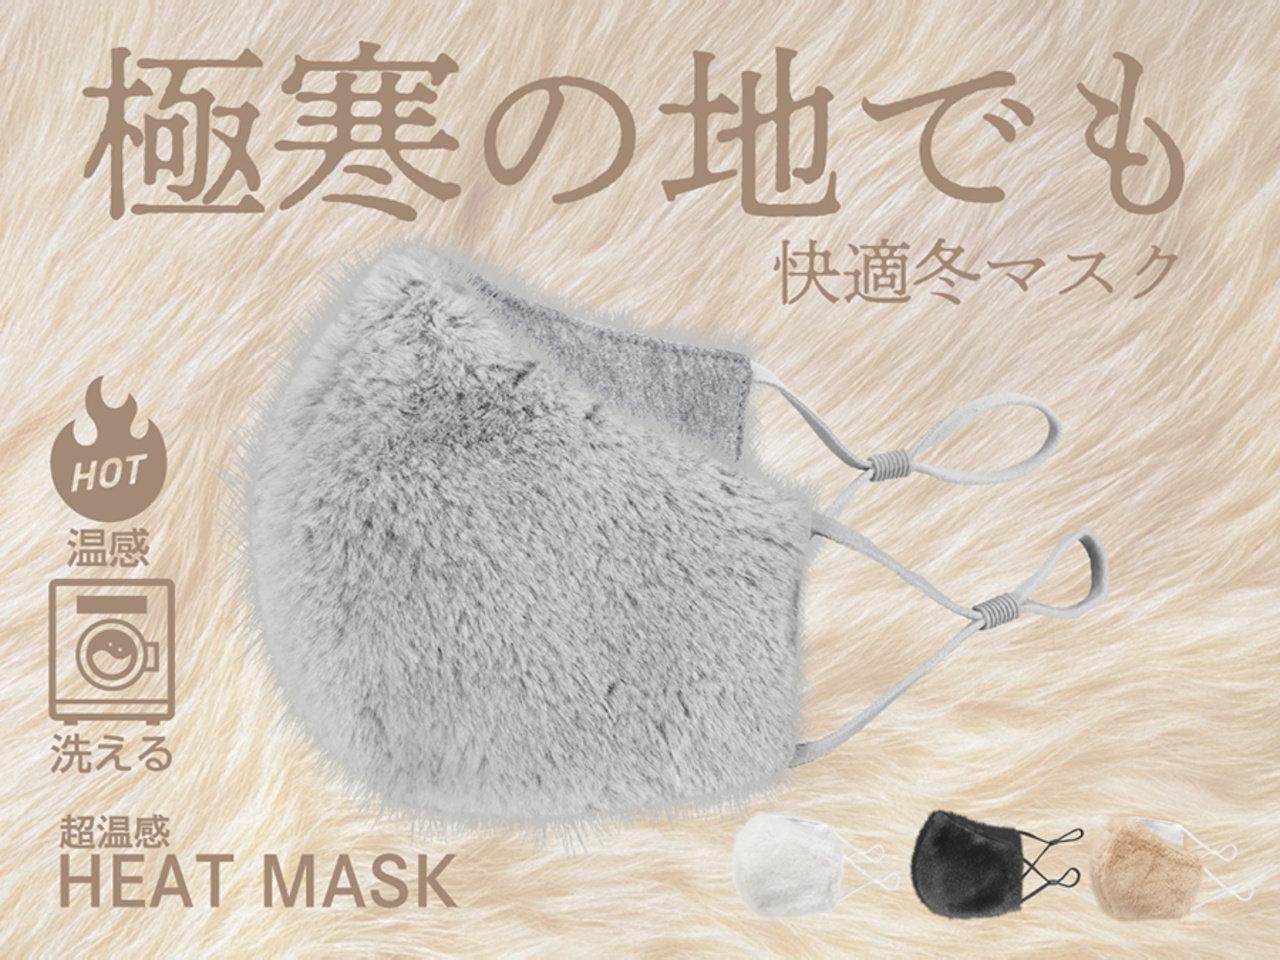 ウイルスを含む飛沫99%カット。1枚1480円「ふかふかファーマスク」が新発売。